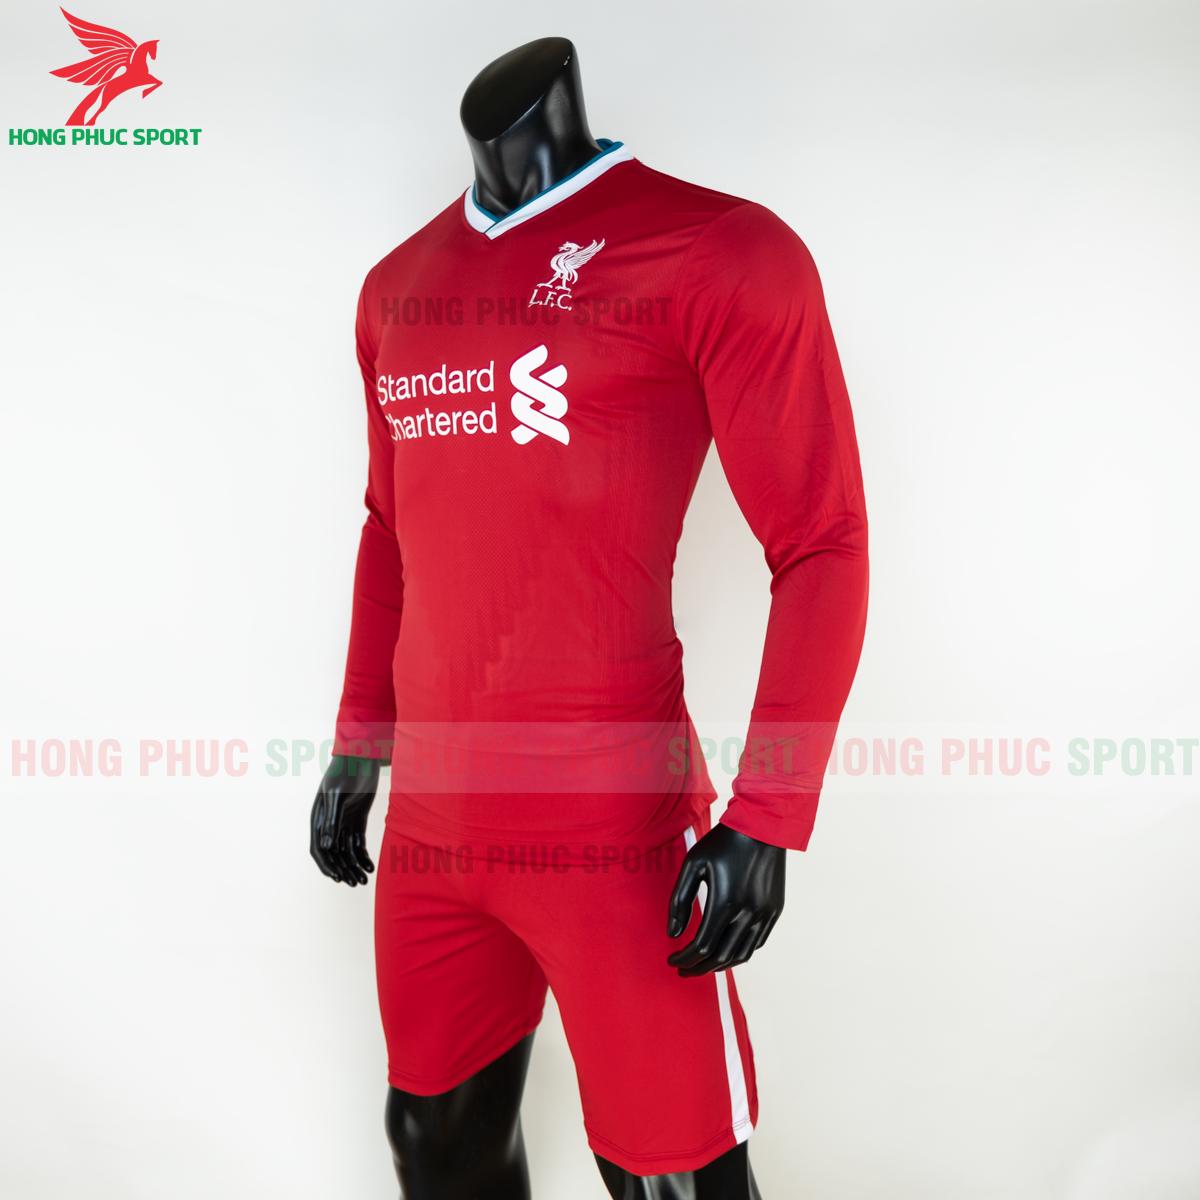 https://cdn.hongphucsport.com/unsafe/s4.shopbay.vn/files/285/ao-dai-tay-liverpool-2020-san-nha-4-5f8fbf8f551d7.png